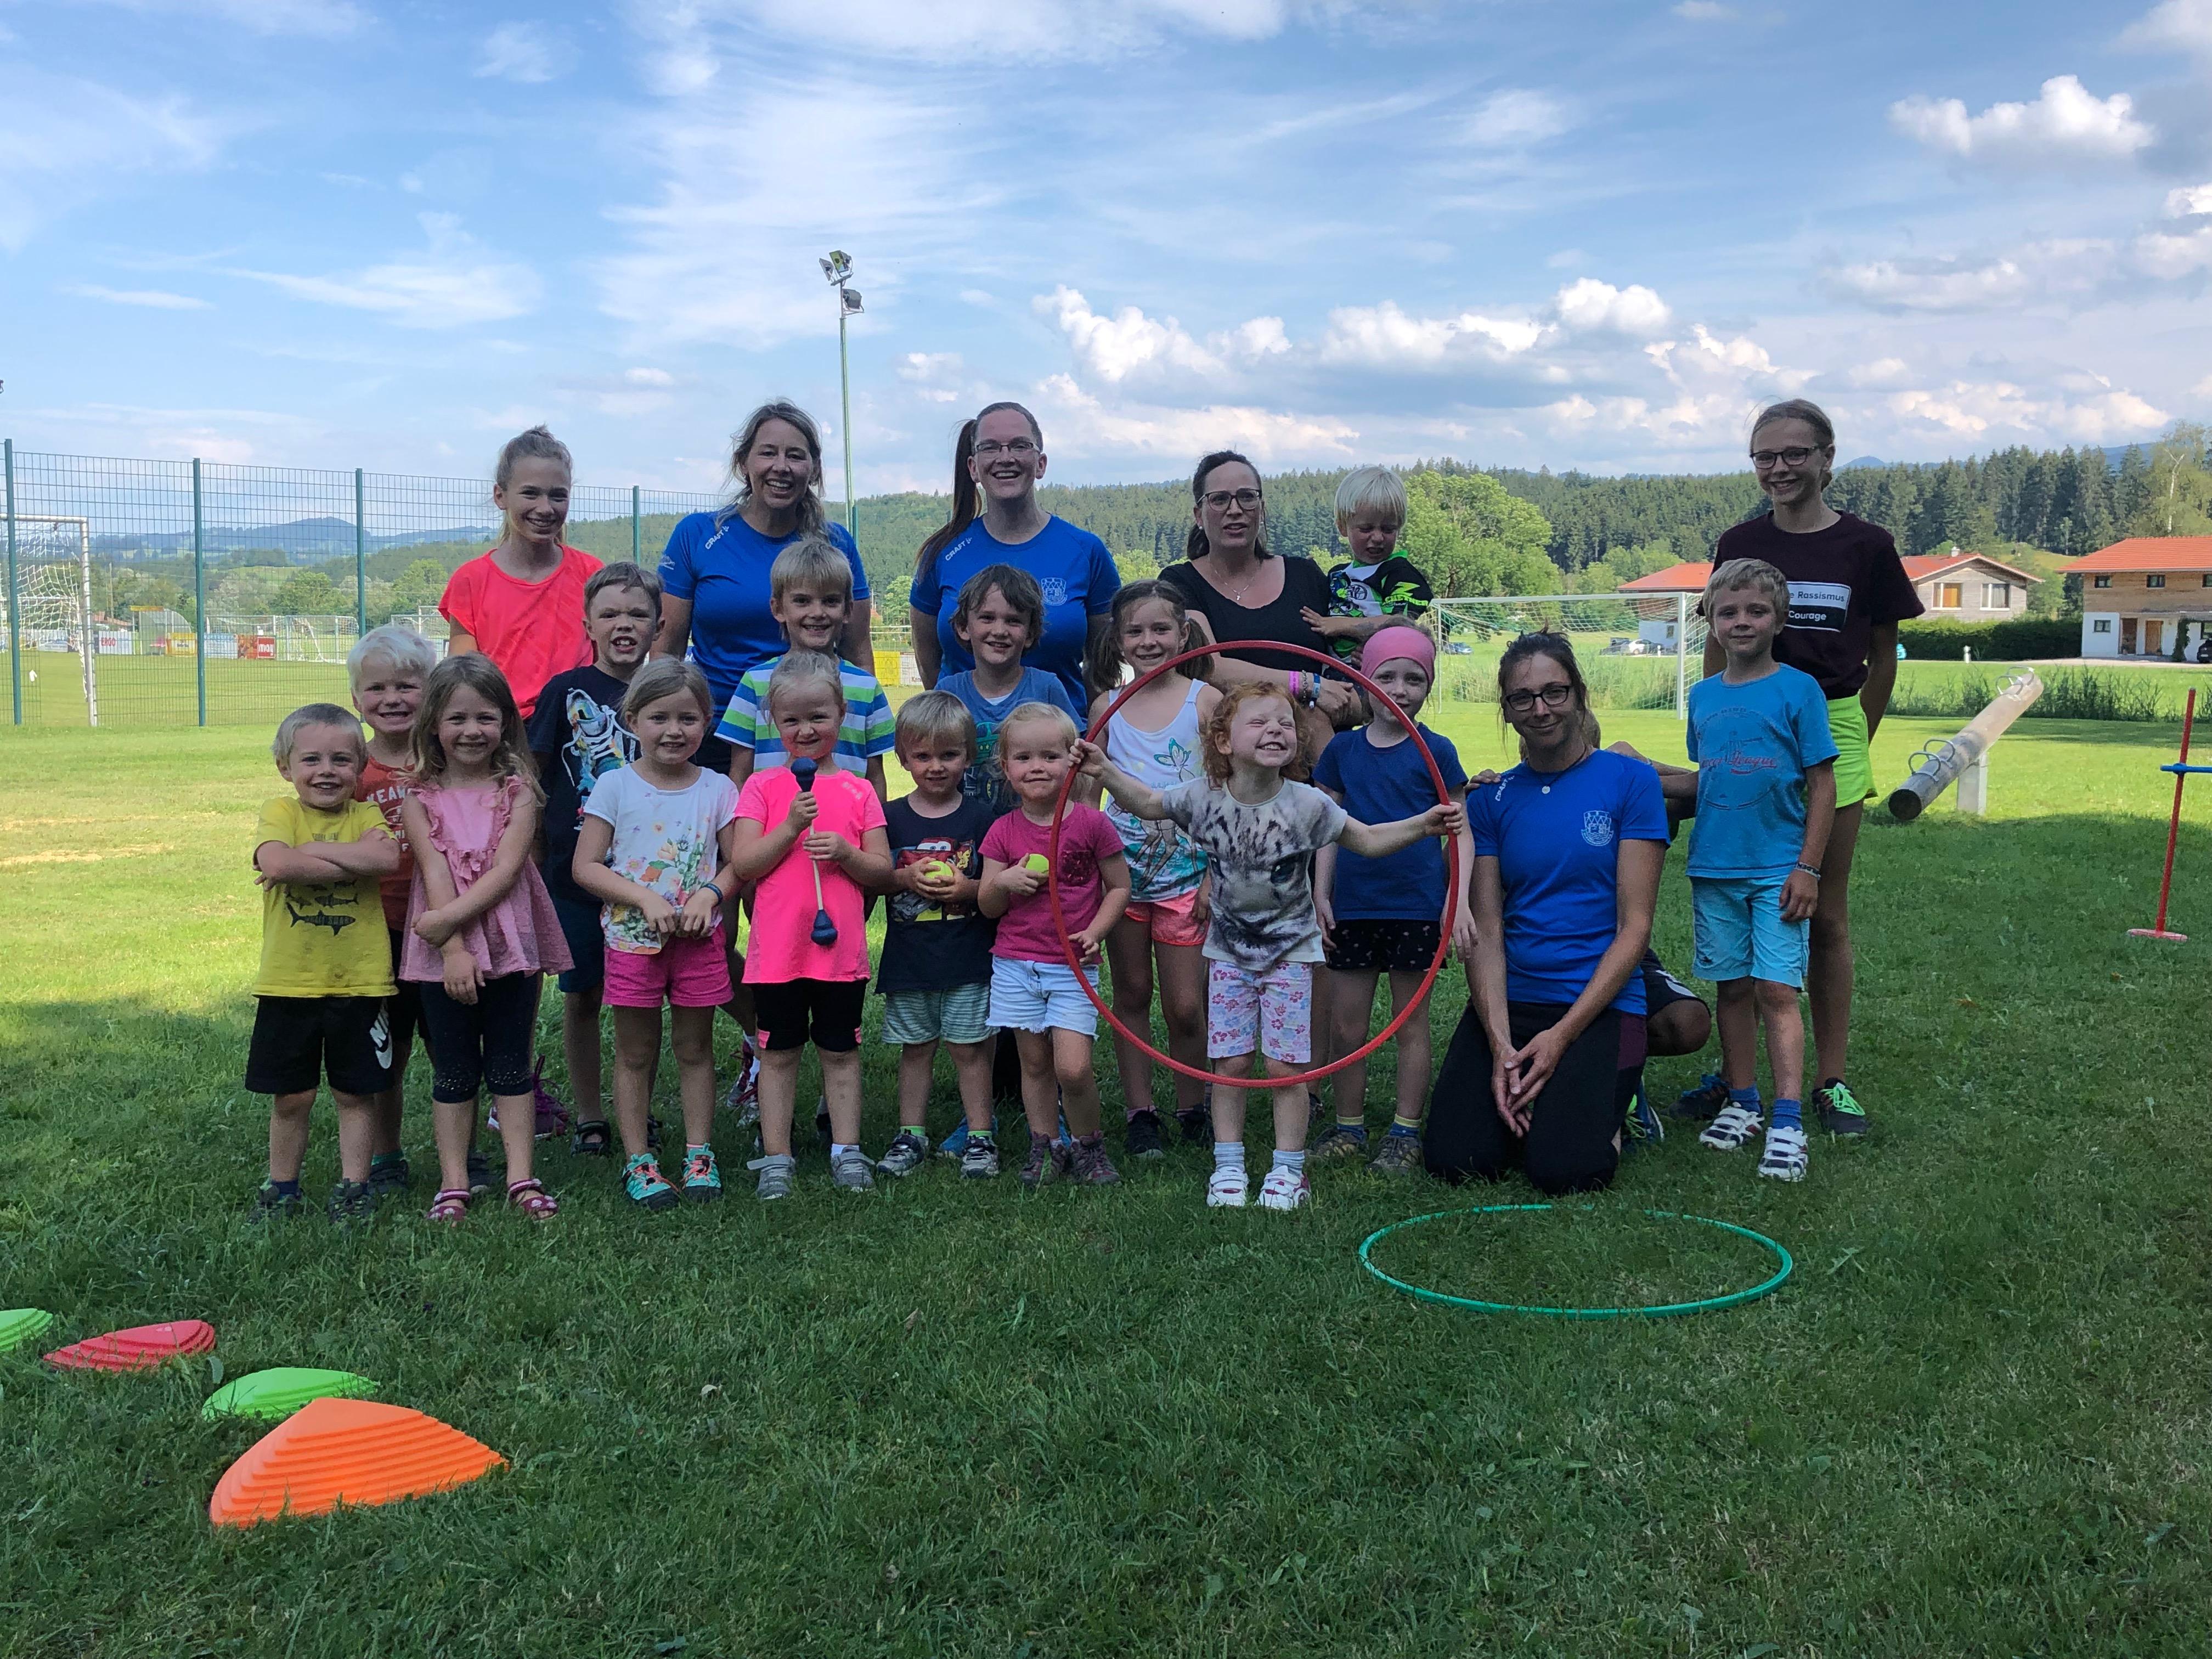 Laufen macht Spaß – Der SSV Kinderlauftreff